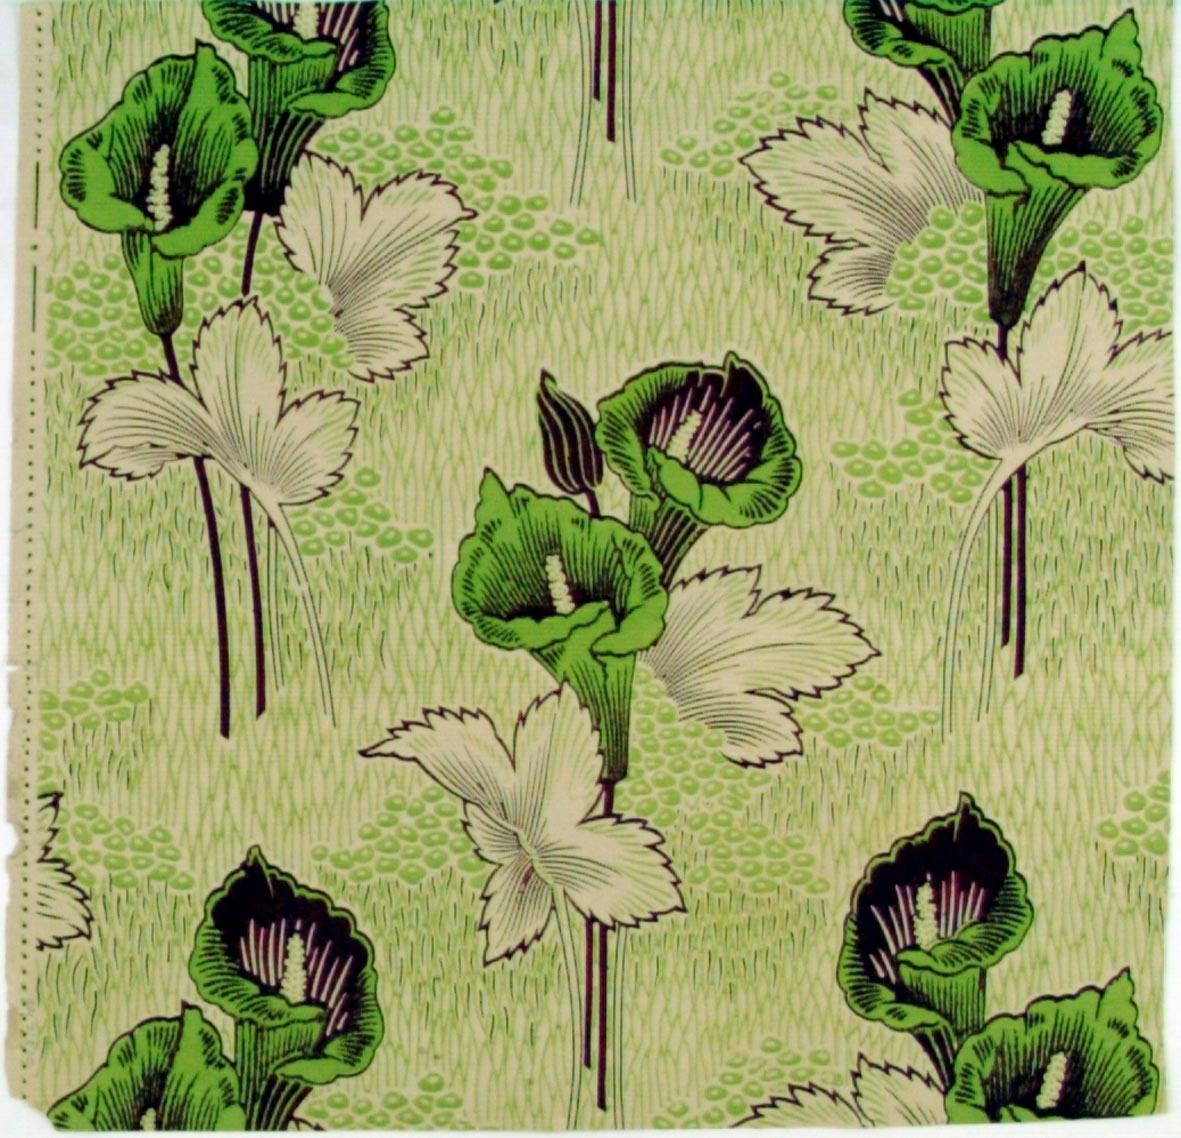 Liljor i diagonalupprepning. Tryck i vinrött och gulgrönt på ofärgat papper.